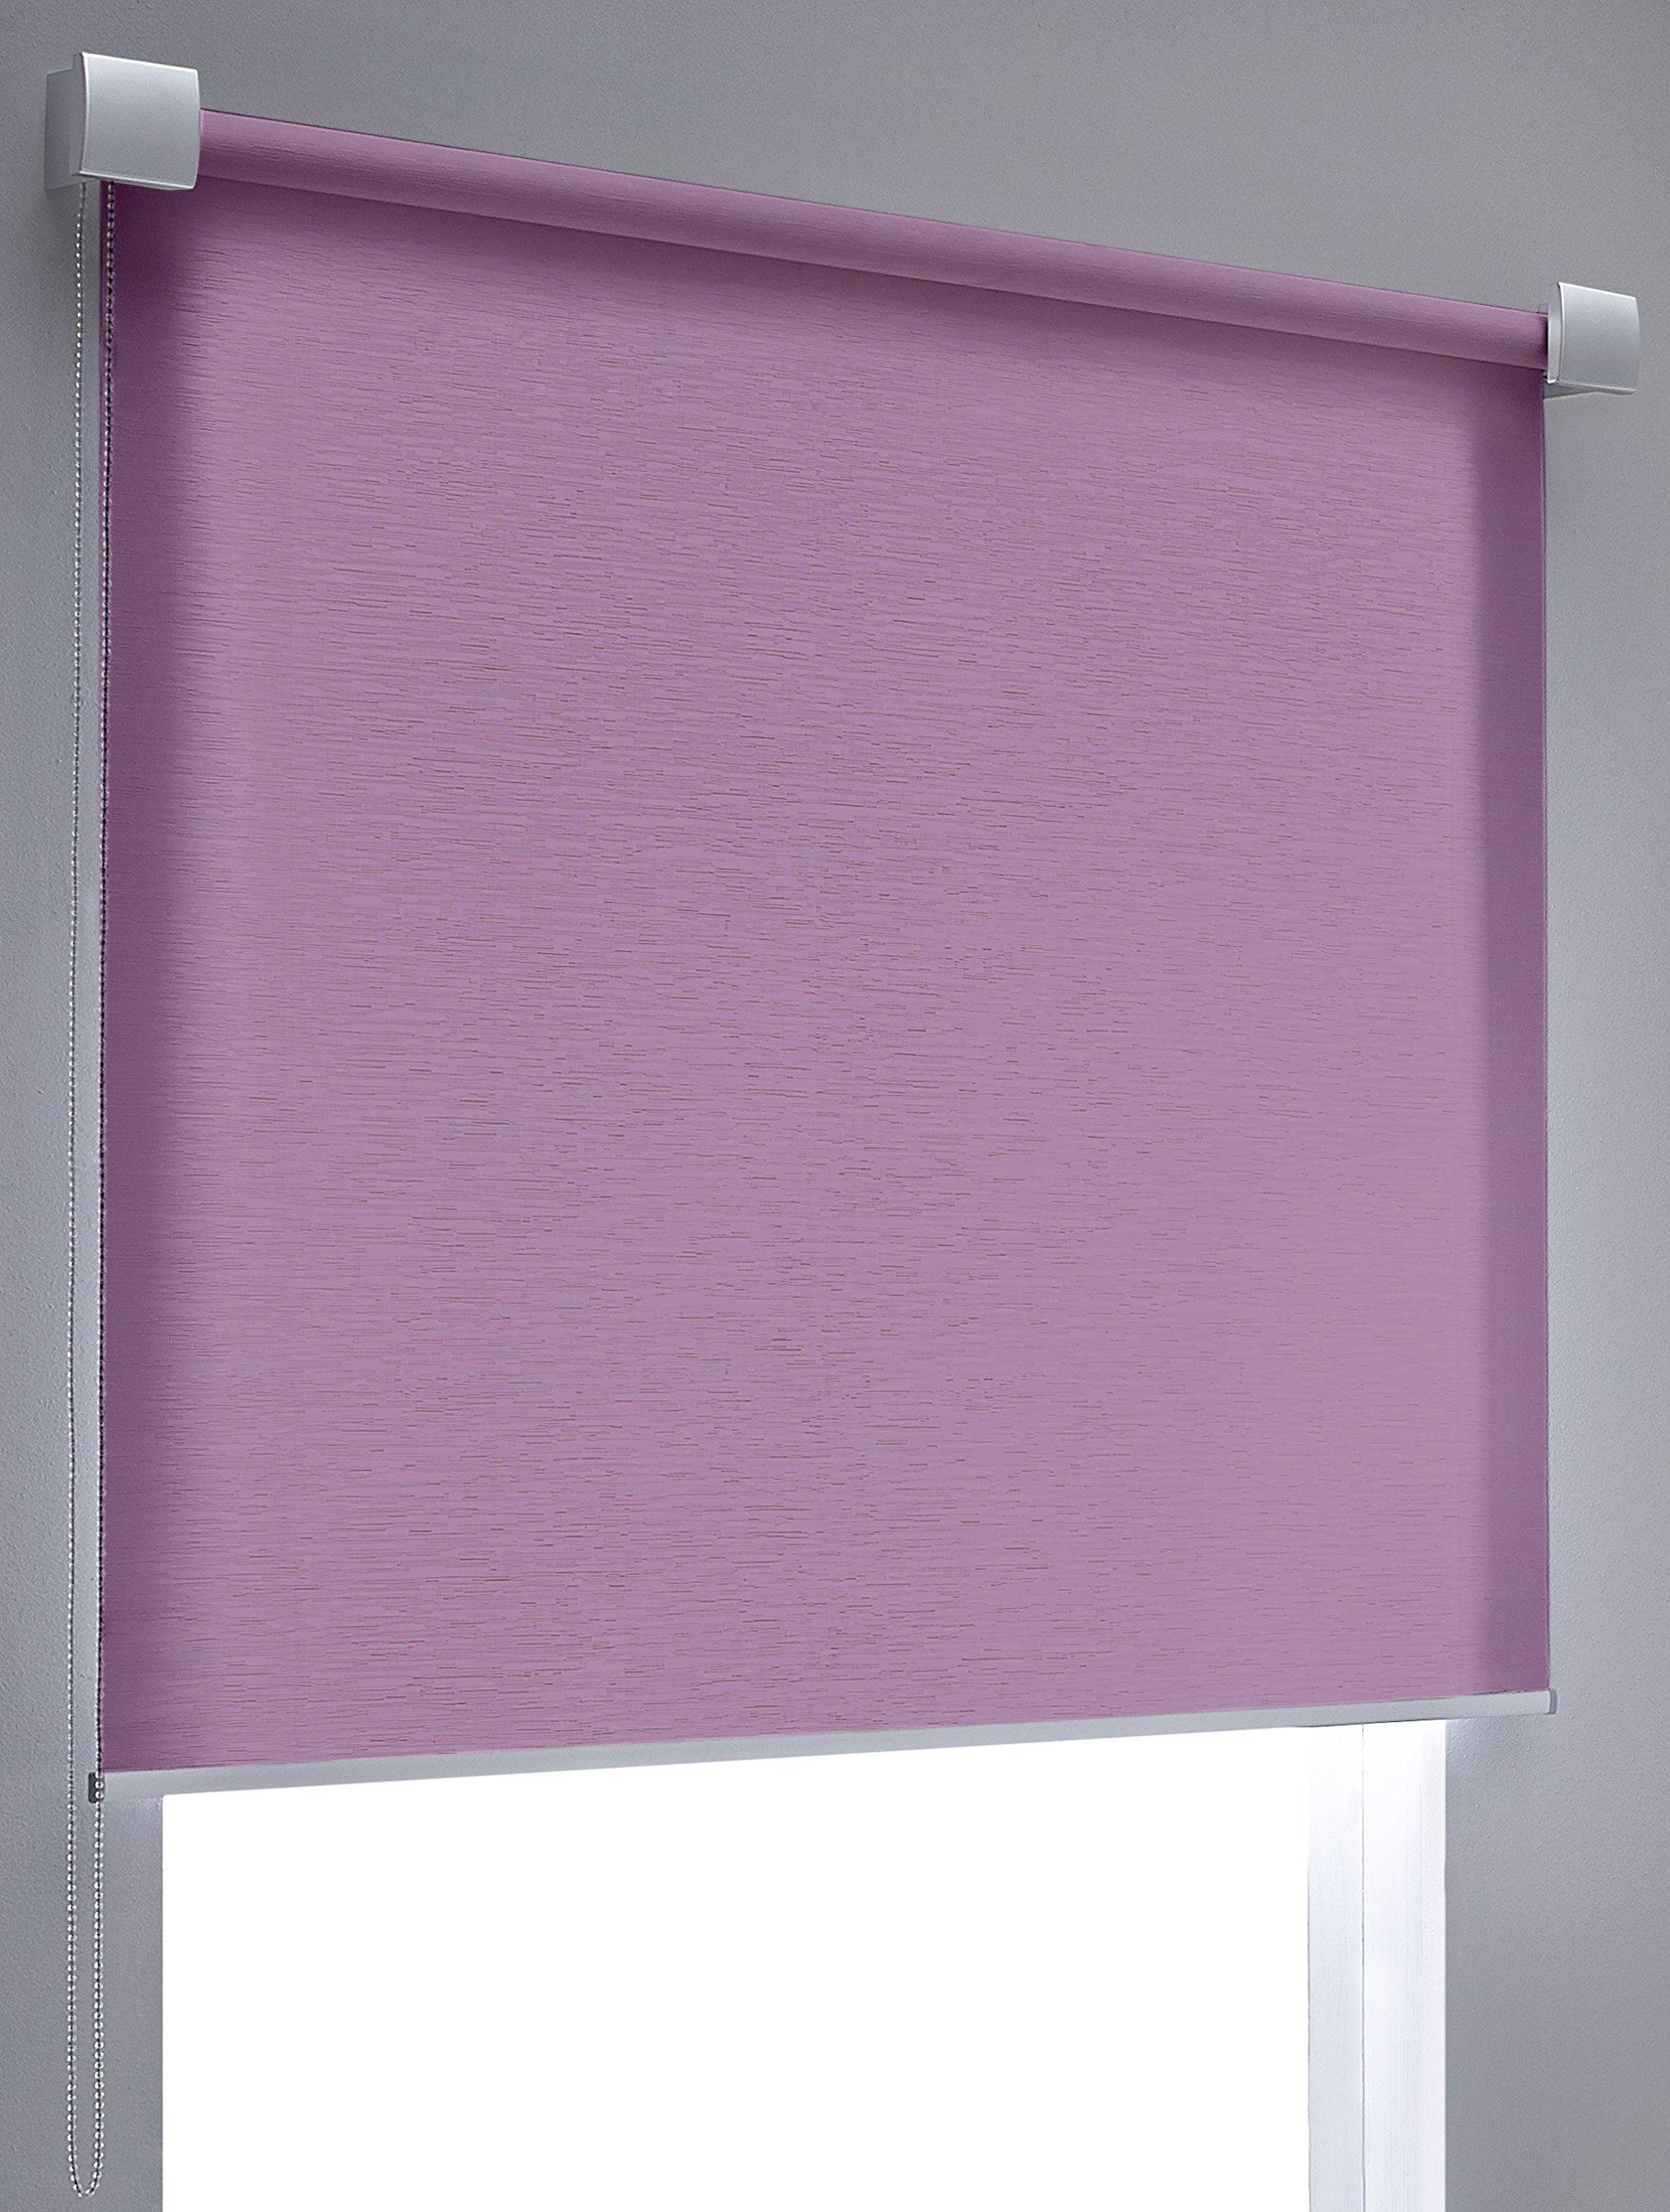 Vidella Blind Prestigio Structure Wall Mounting 100cm Lila/Earth Prest ST-5100